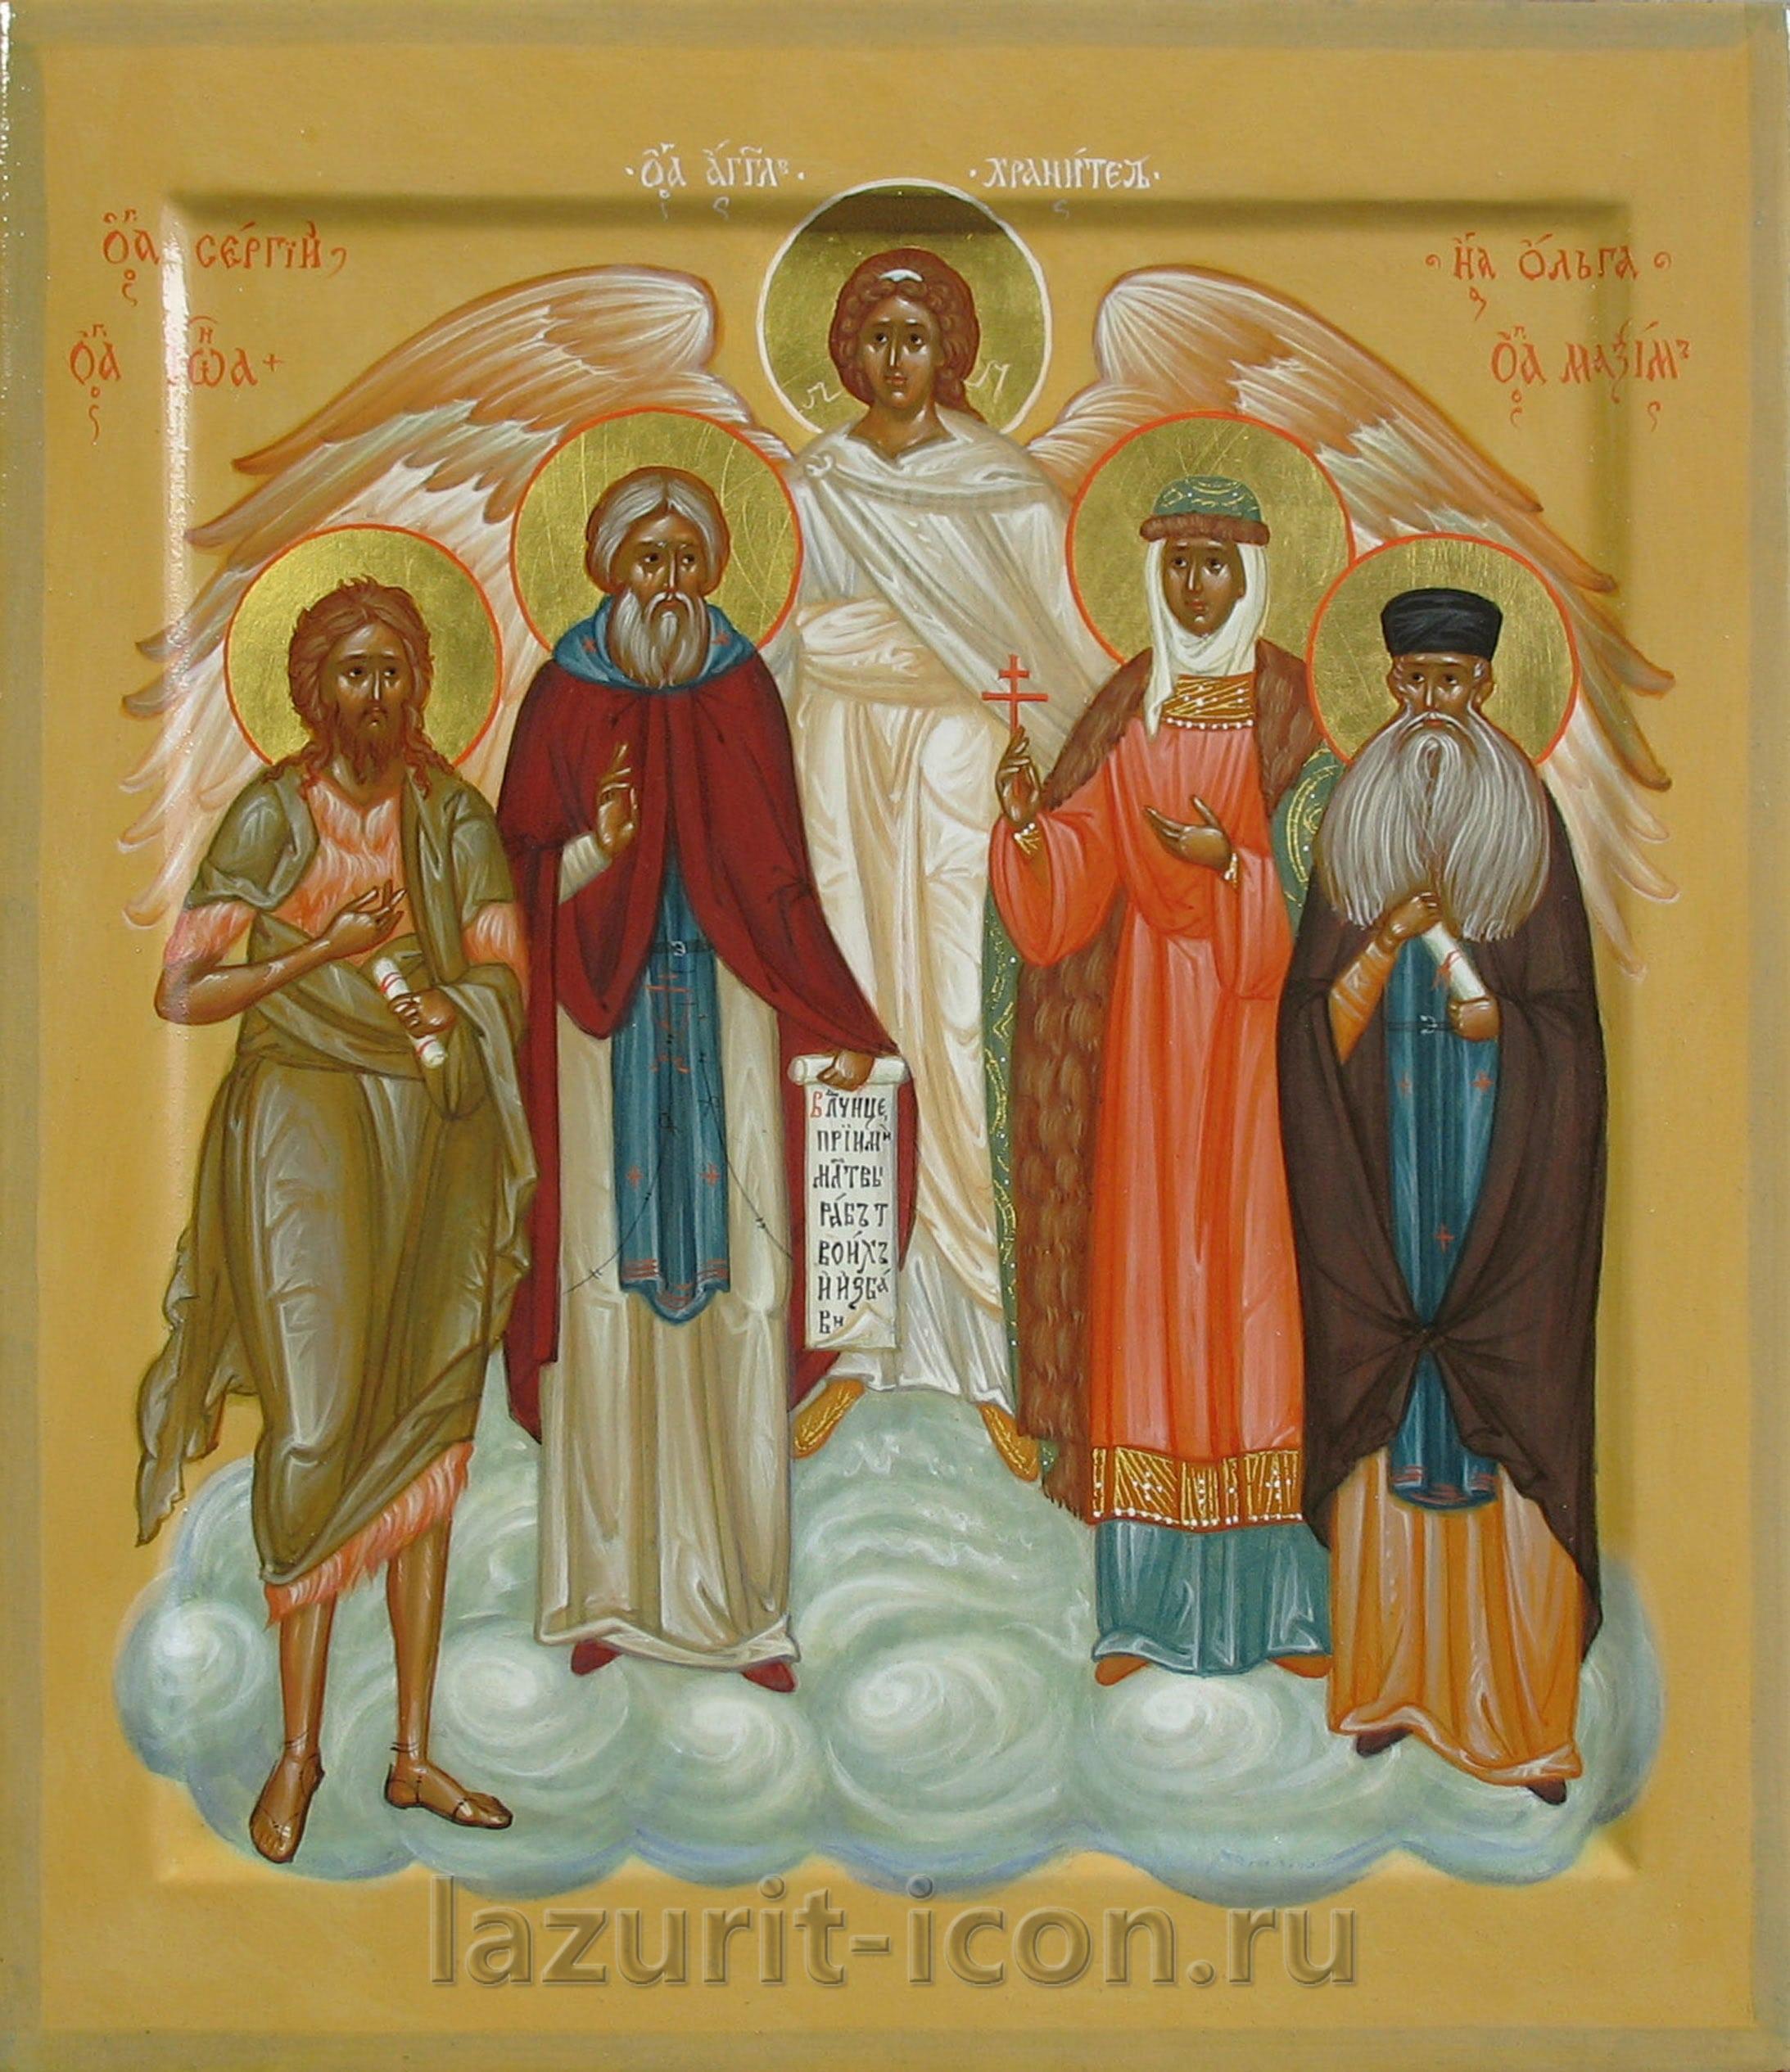 пророк Иоанн, прп Сергий, кн Ольга, прп Максим